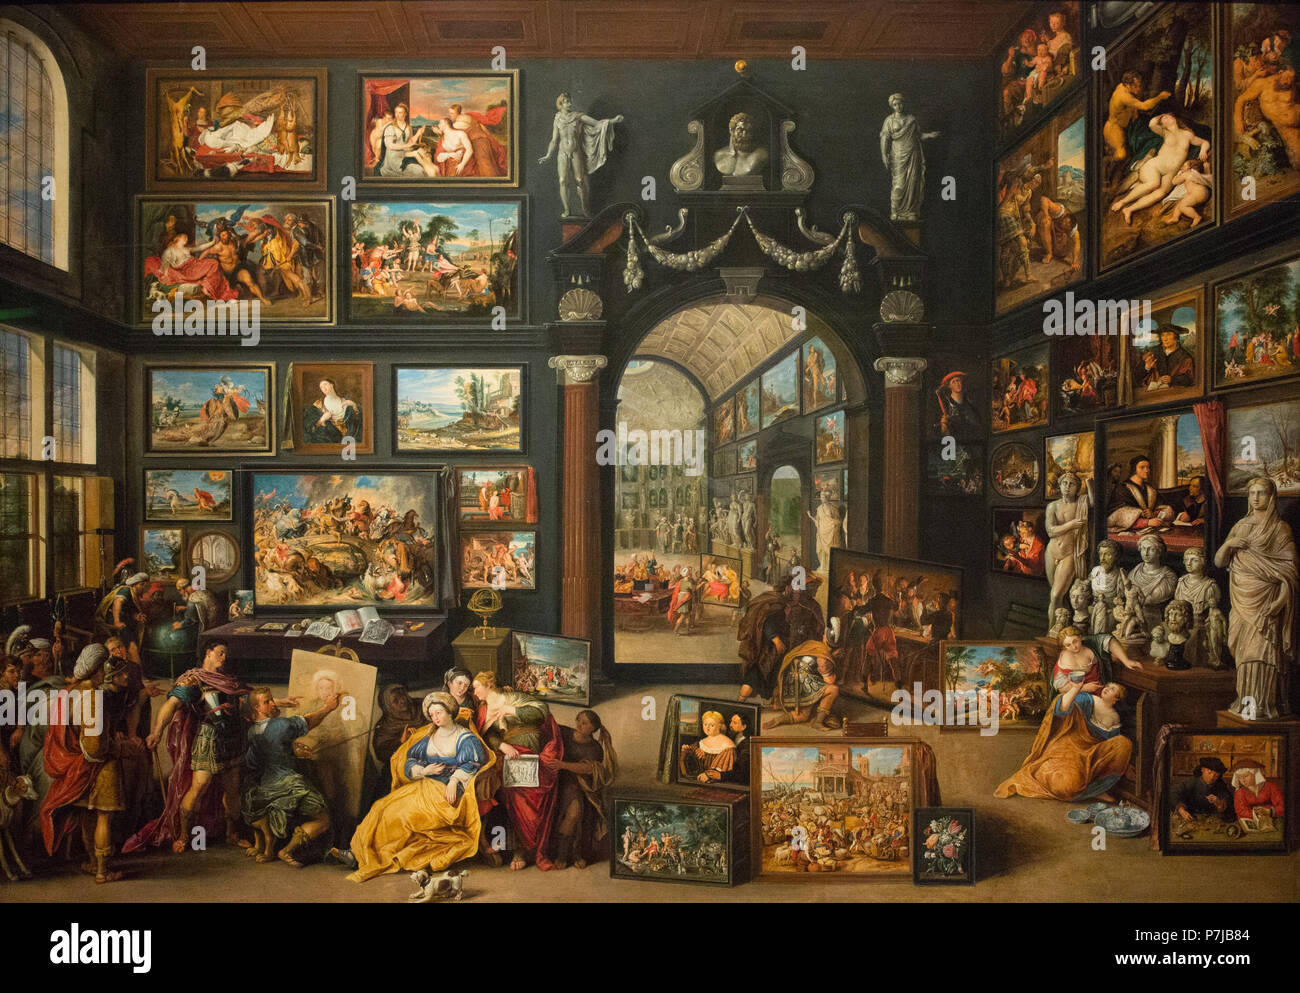 Willen van Haecht - Apelles Painting Campaspe - 1630 - Stock Image